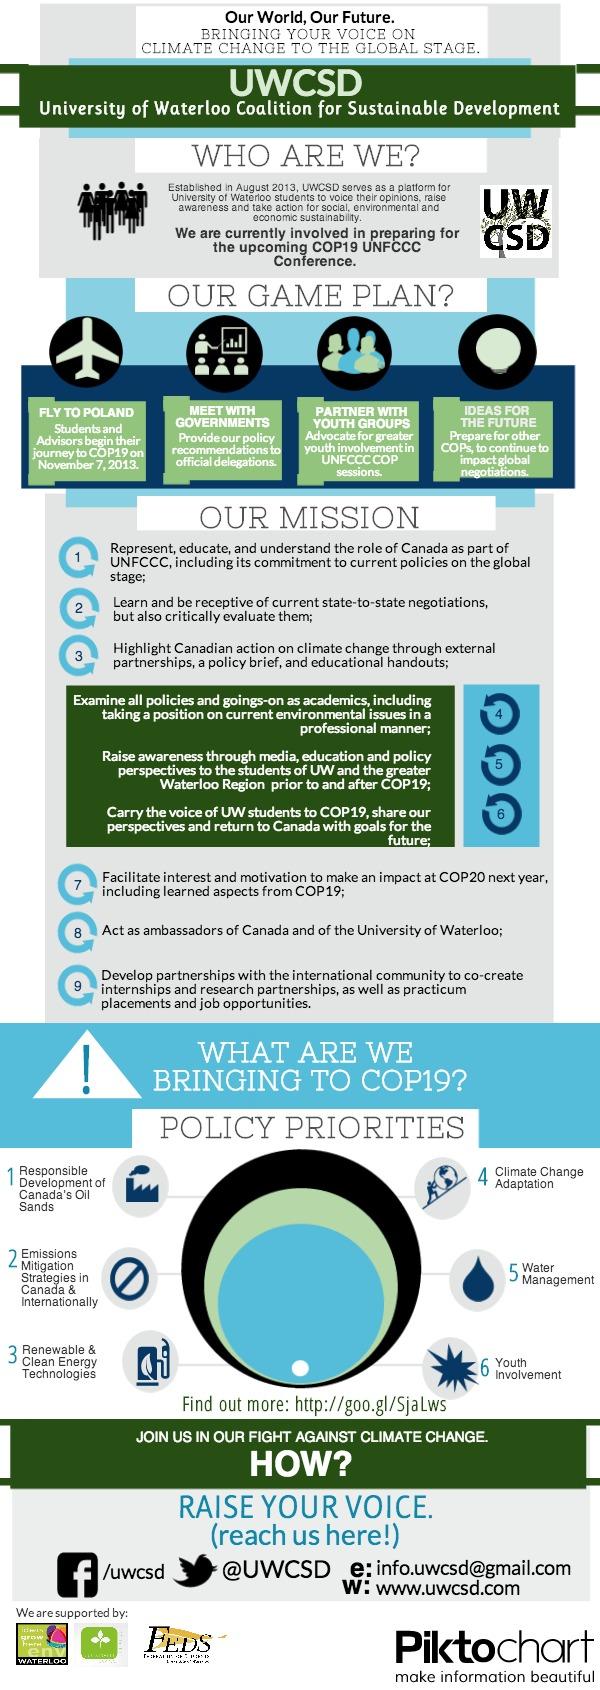 UWCSD Infographic